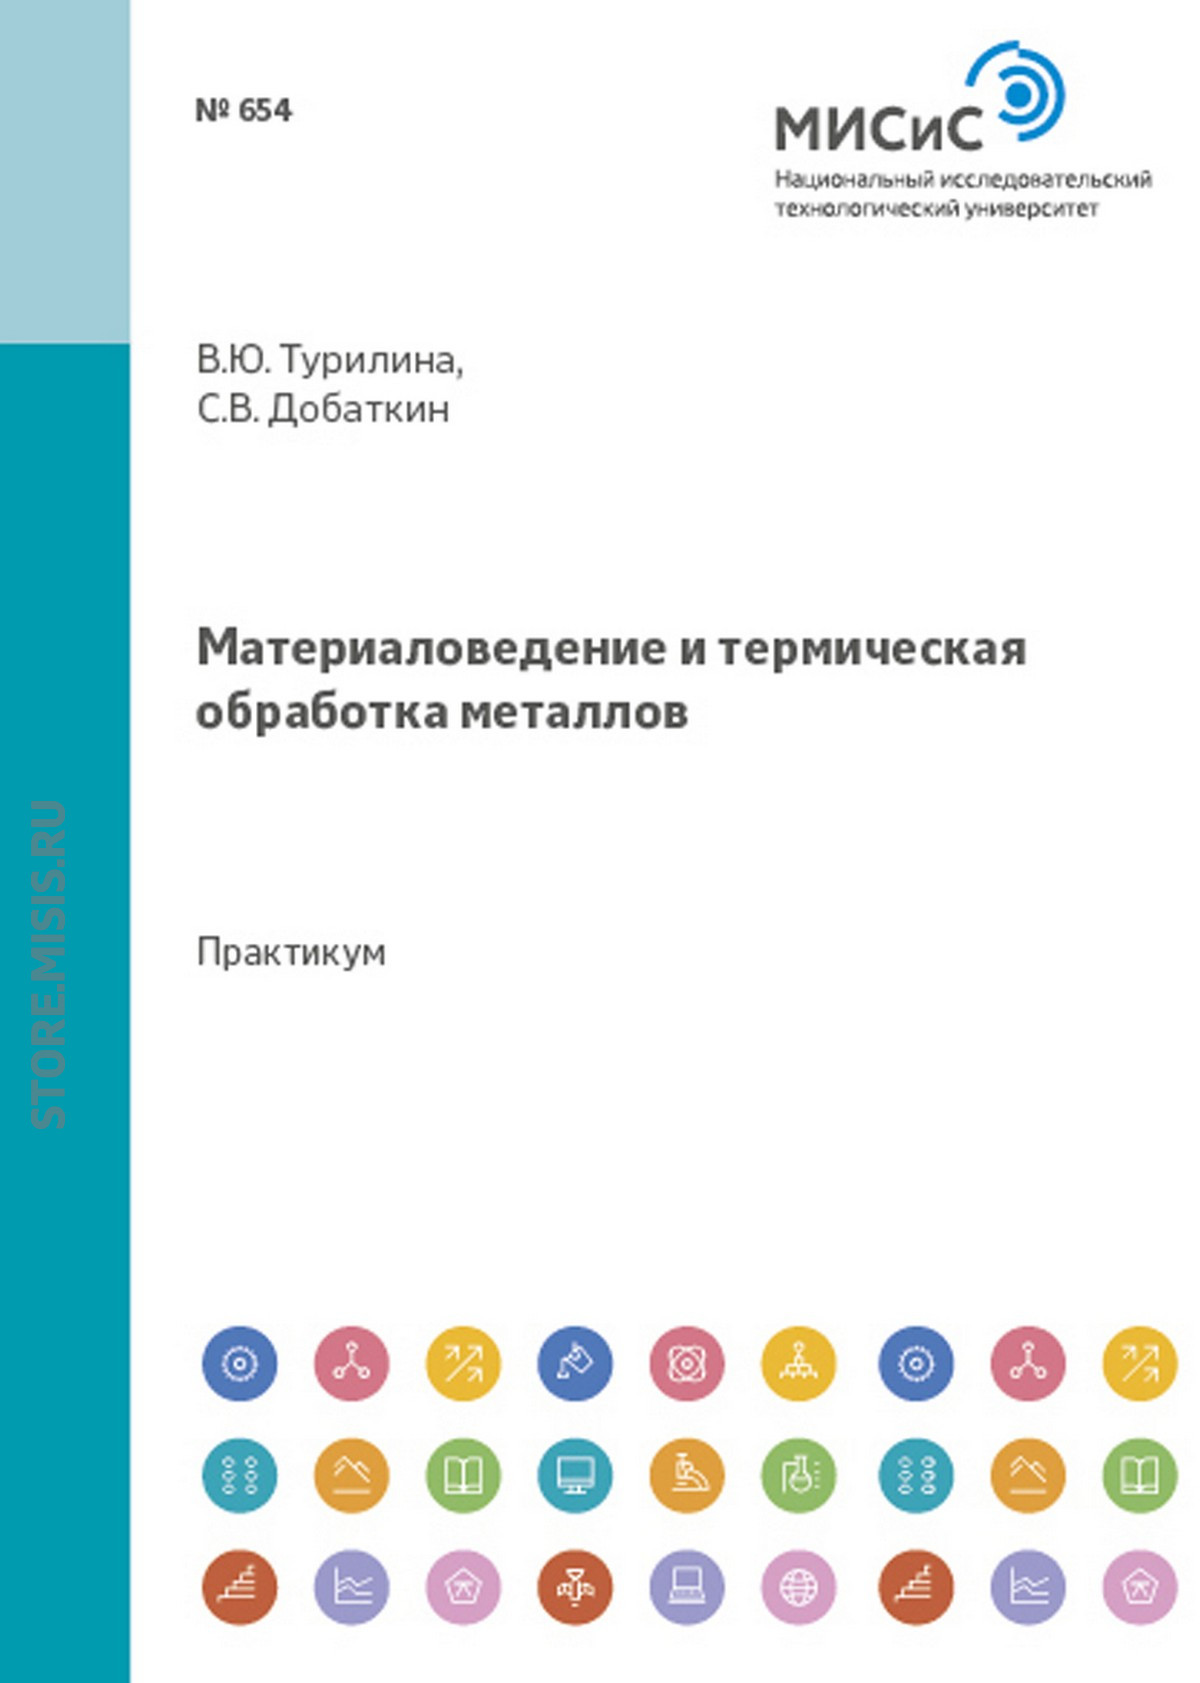 Сергей Добаткин Материаловедение и термическая обработка металлов